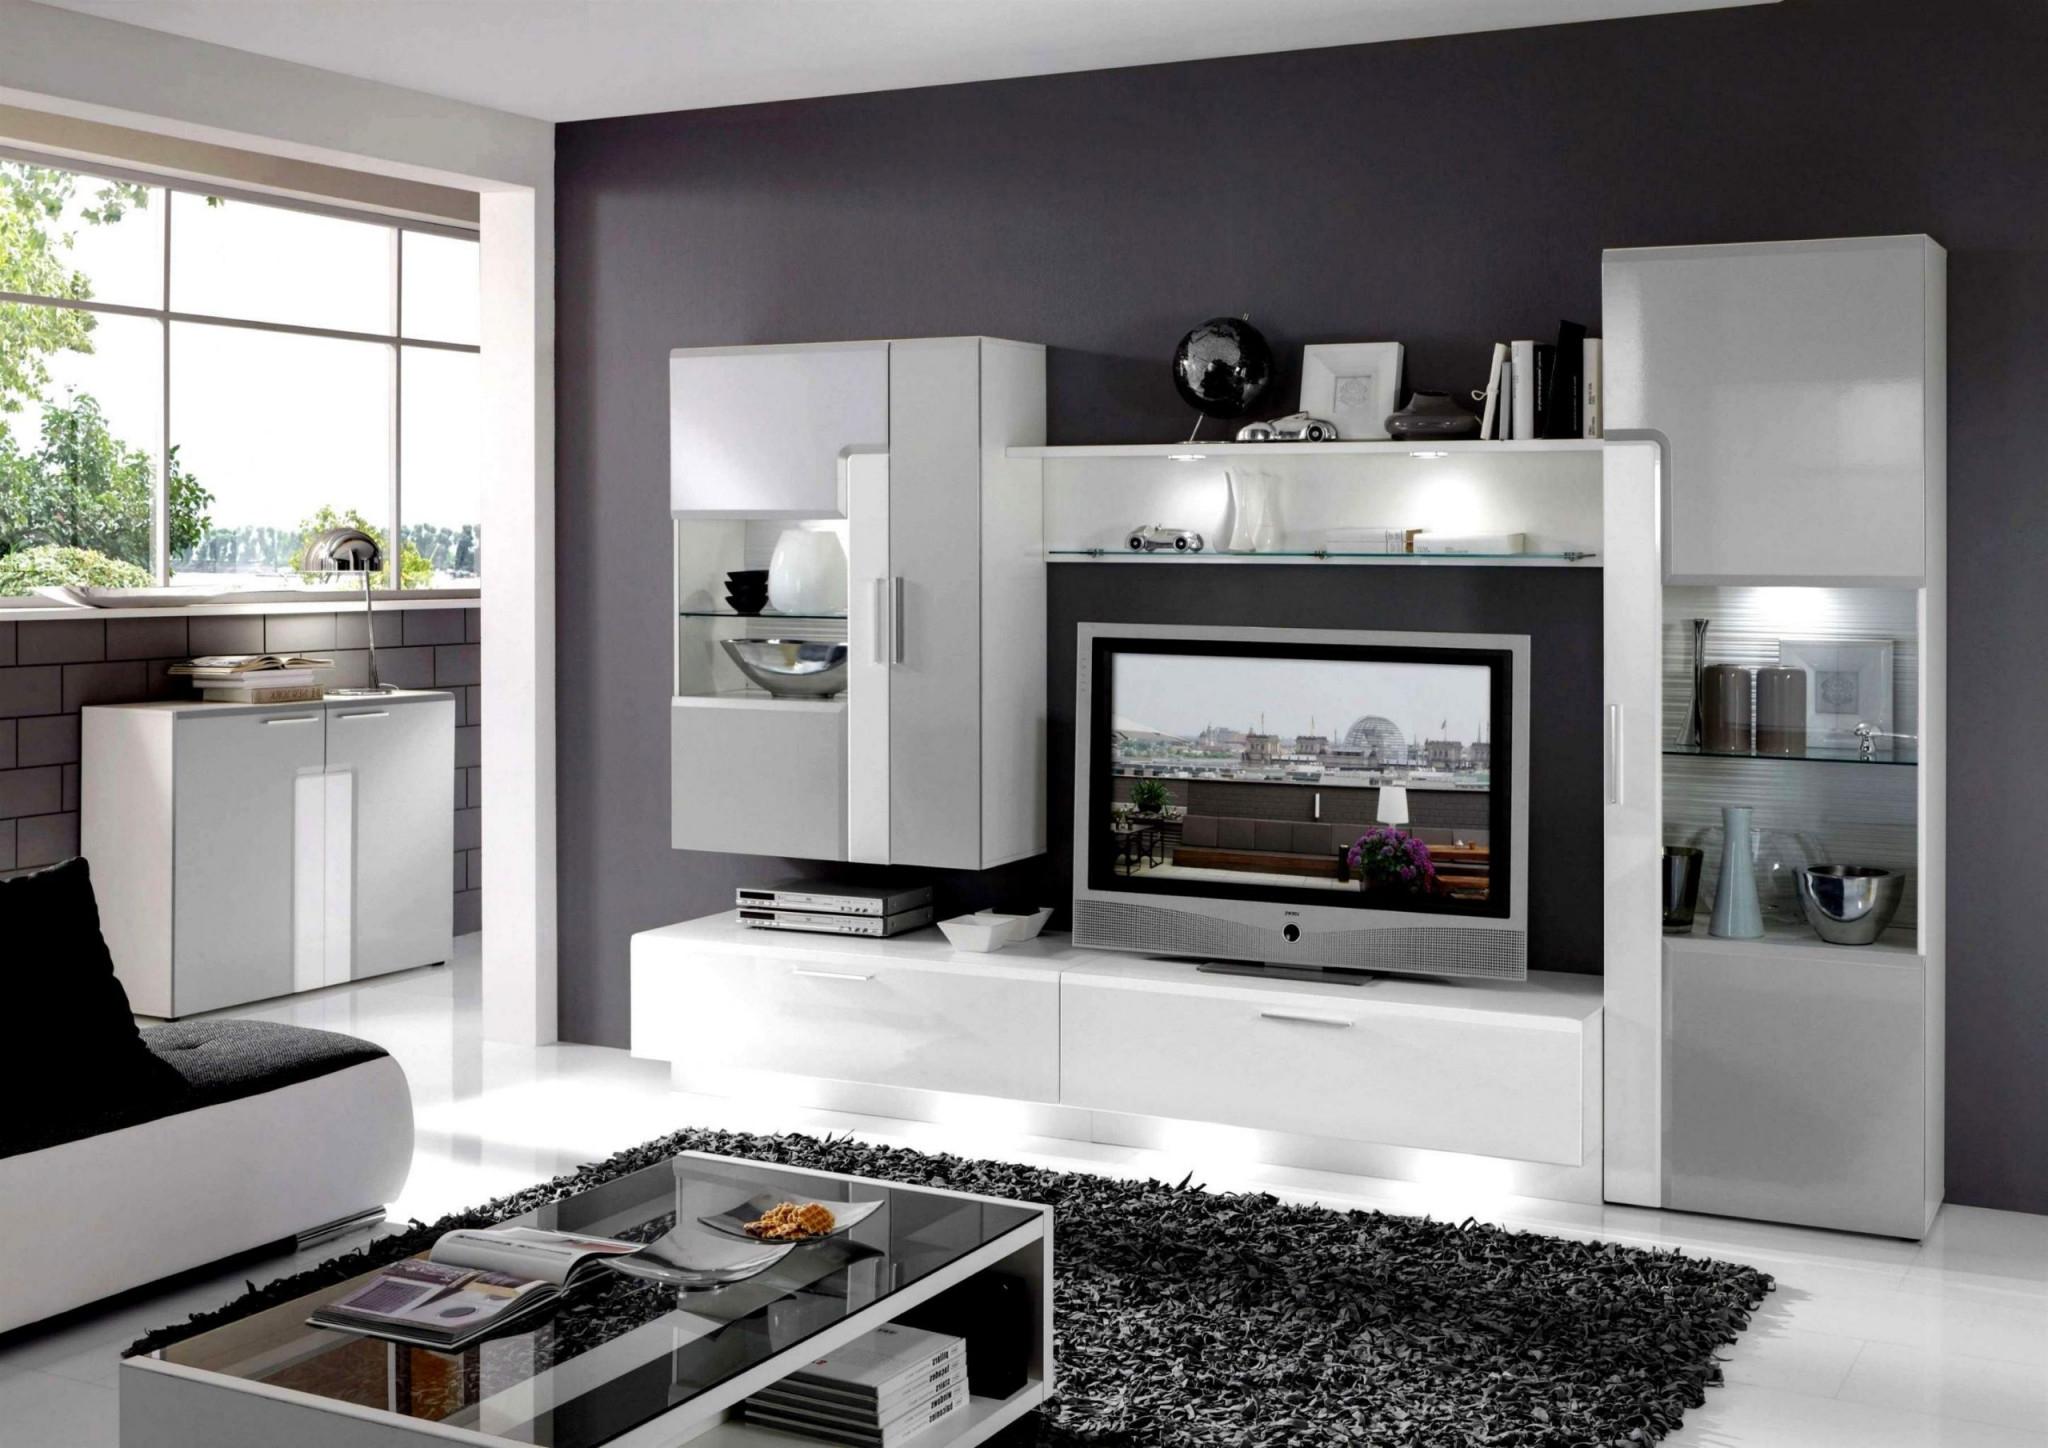 25 Neu Wohnzimmer Ideen Farbgestaltung Elegant  Wohnzimmer von Wohnzimmer Ideen Farben Bild